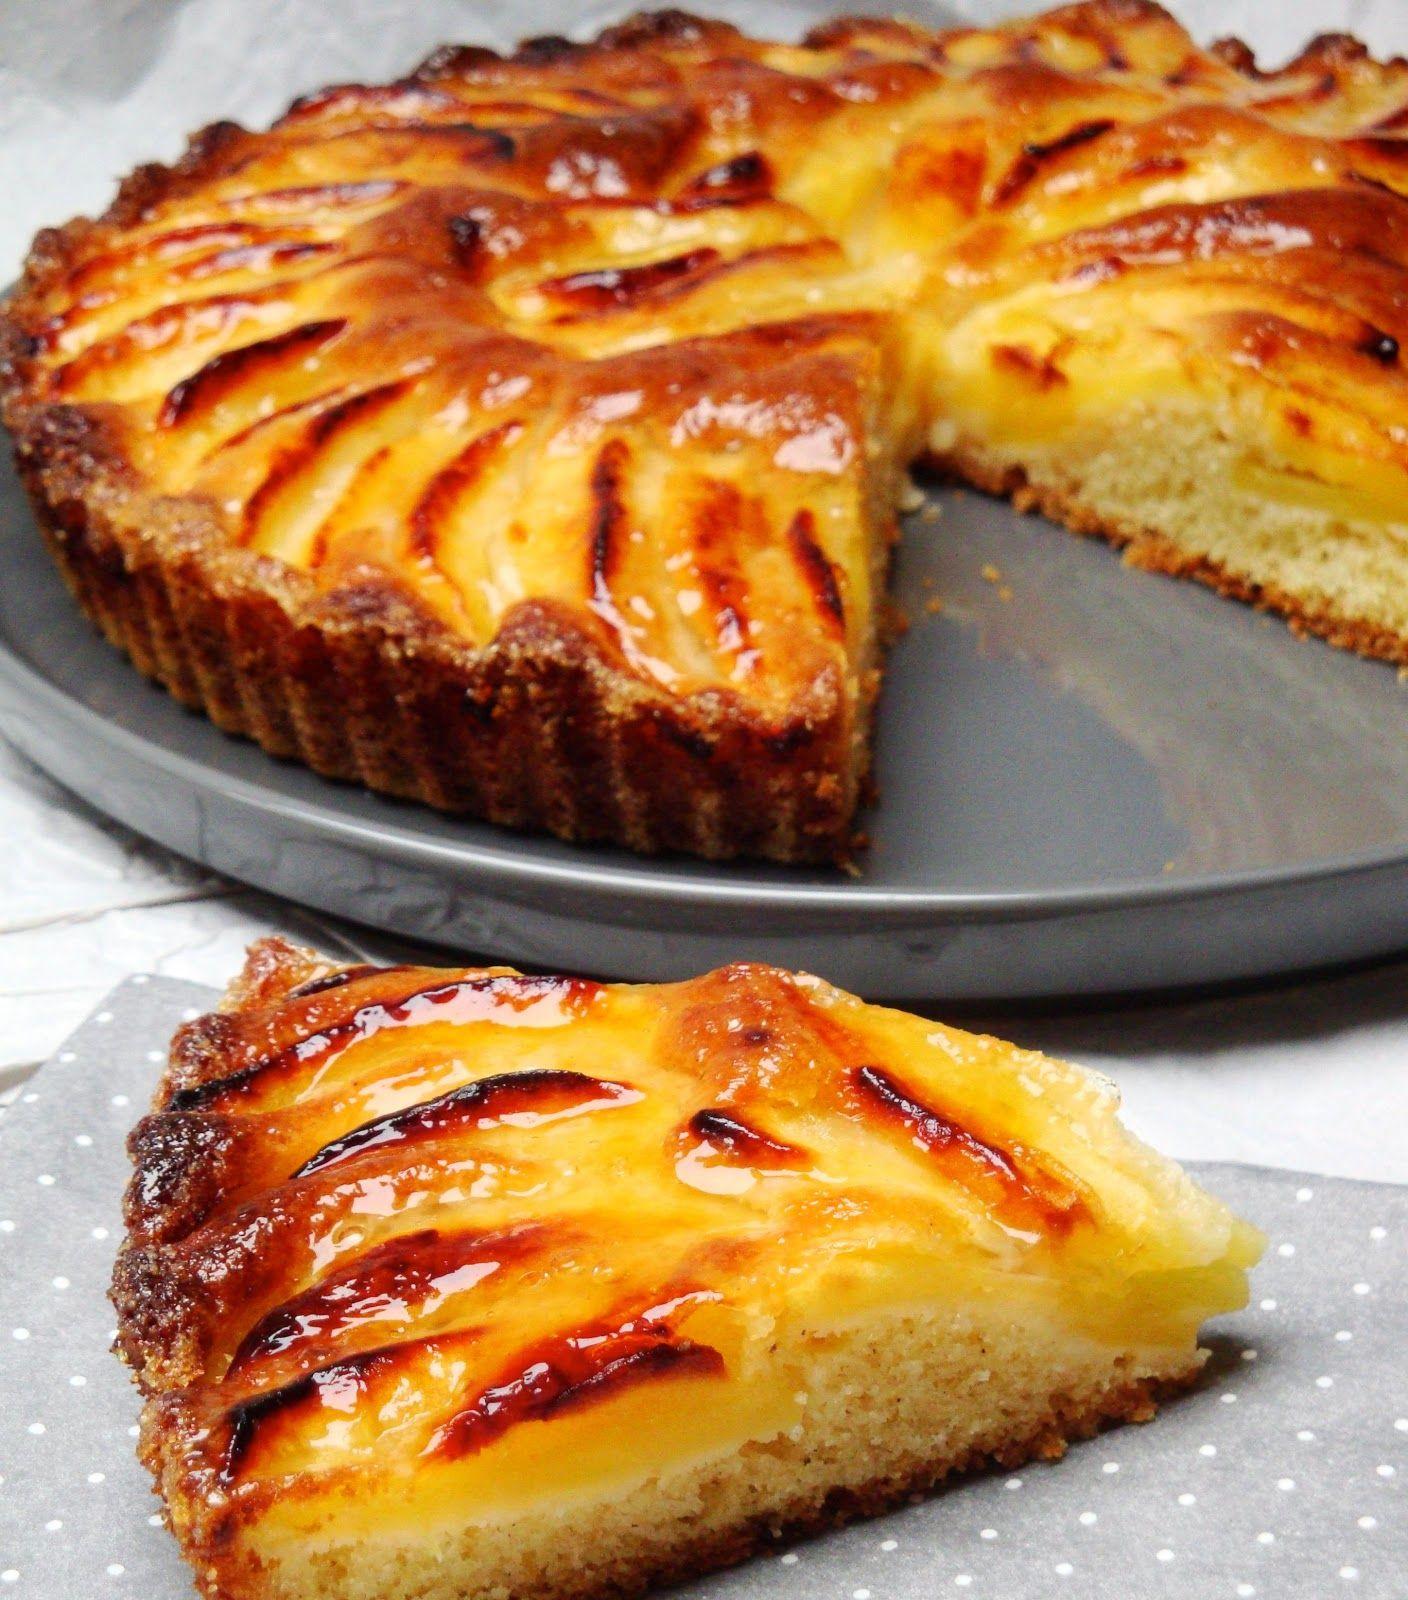 Les cahiers gourmands tarte aux pommes desserts pinterest les cahiers la pomme et cahier - Recette de mini dessert gourmand ...